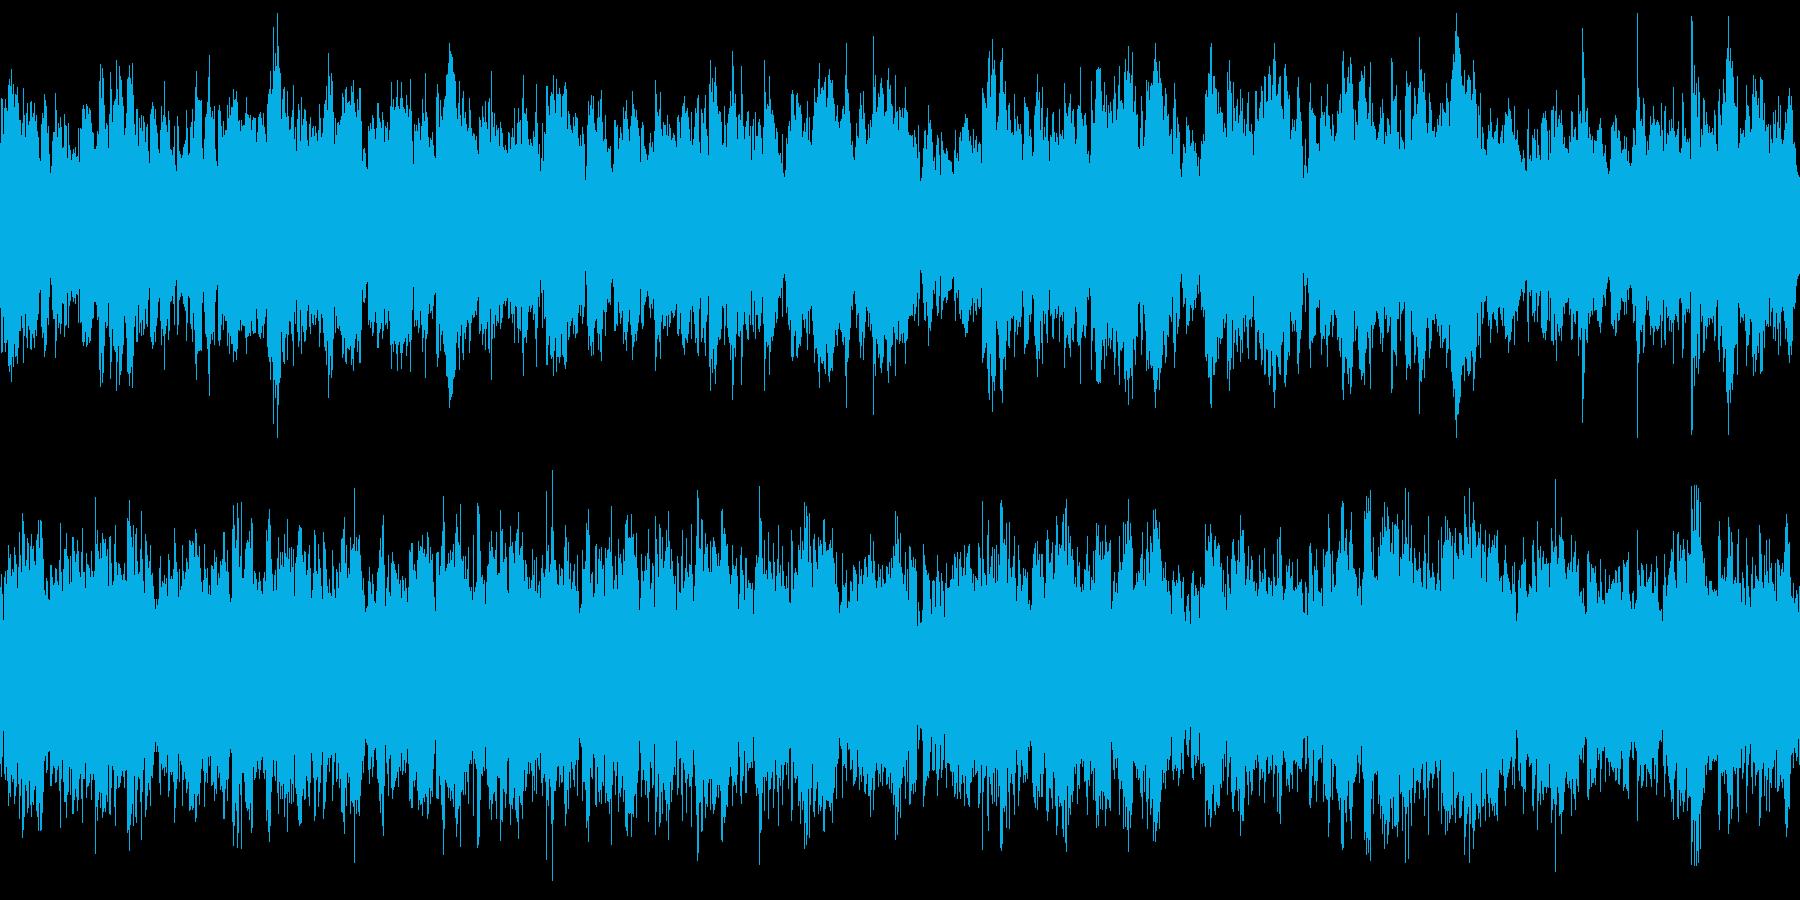 民族音楽調&神秘的 神殿・遺跡のBGM風の再生済みの波形